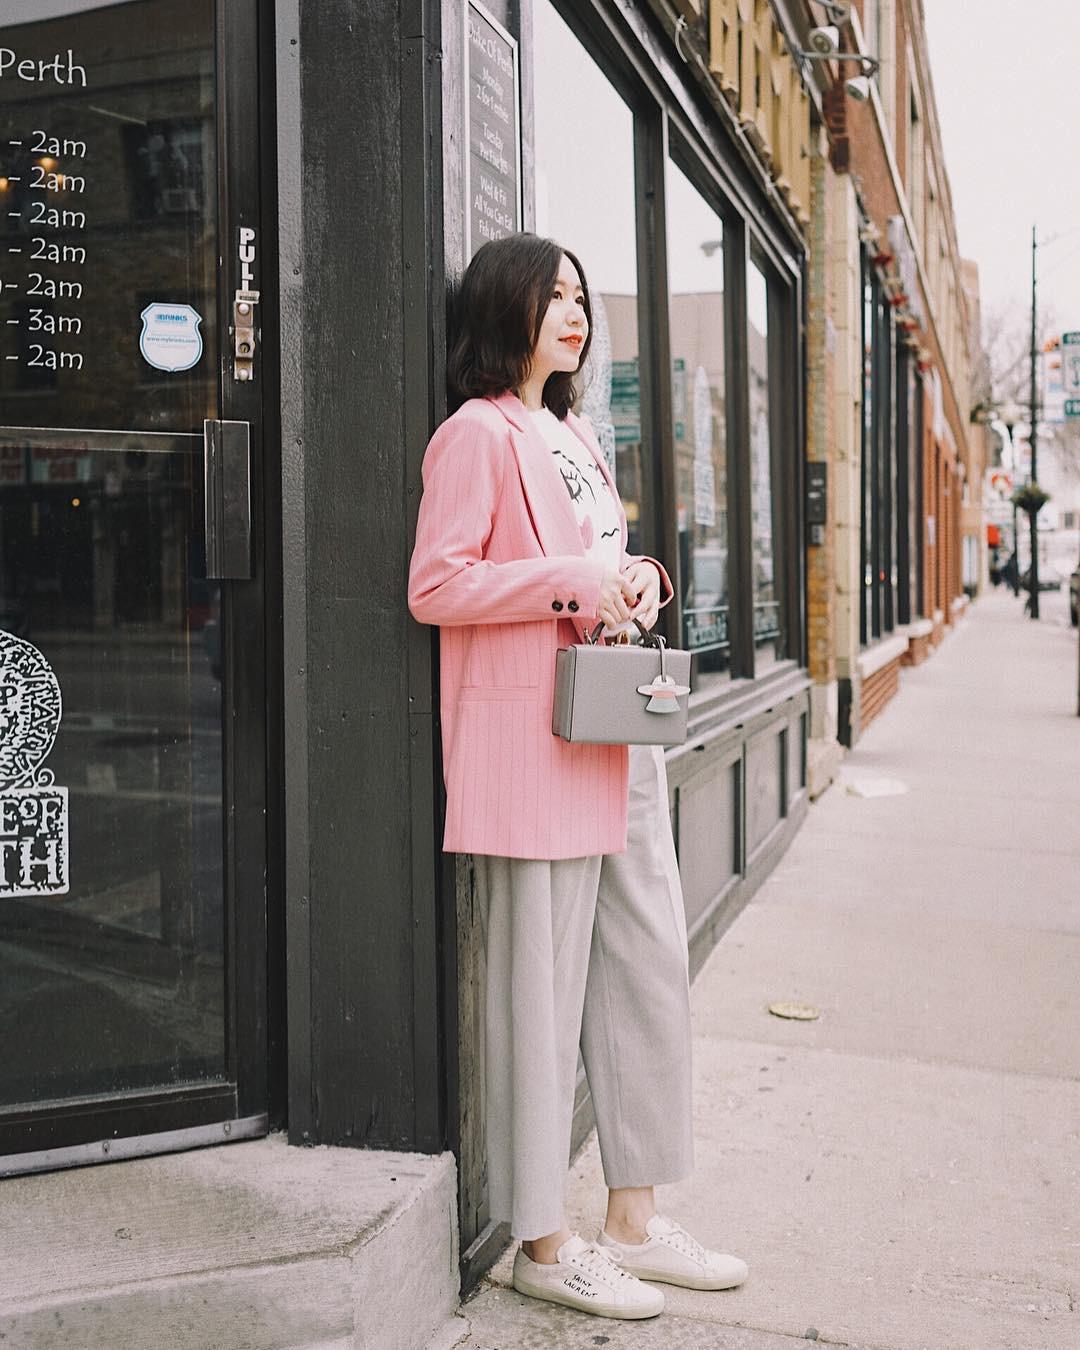 """Nếu thấy style công sở của mình hơi """"dừ"""" và cứng nhắc thì đây là 5 tips diện đồ giúp các nàng ăn gian tuổi đáng kể - Ảnh 7"""